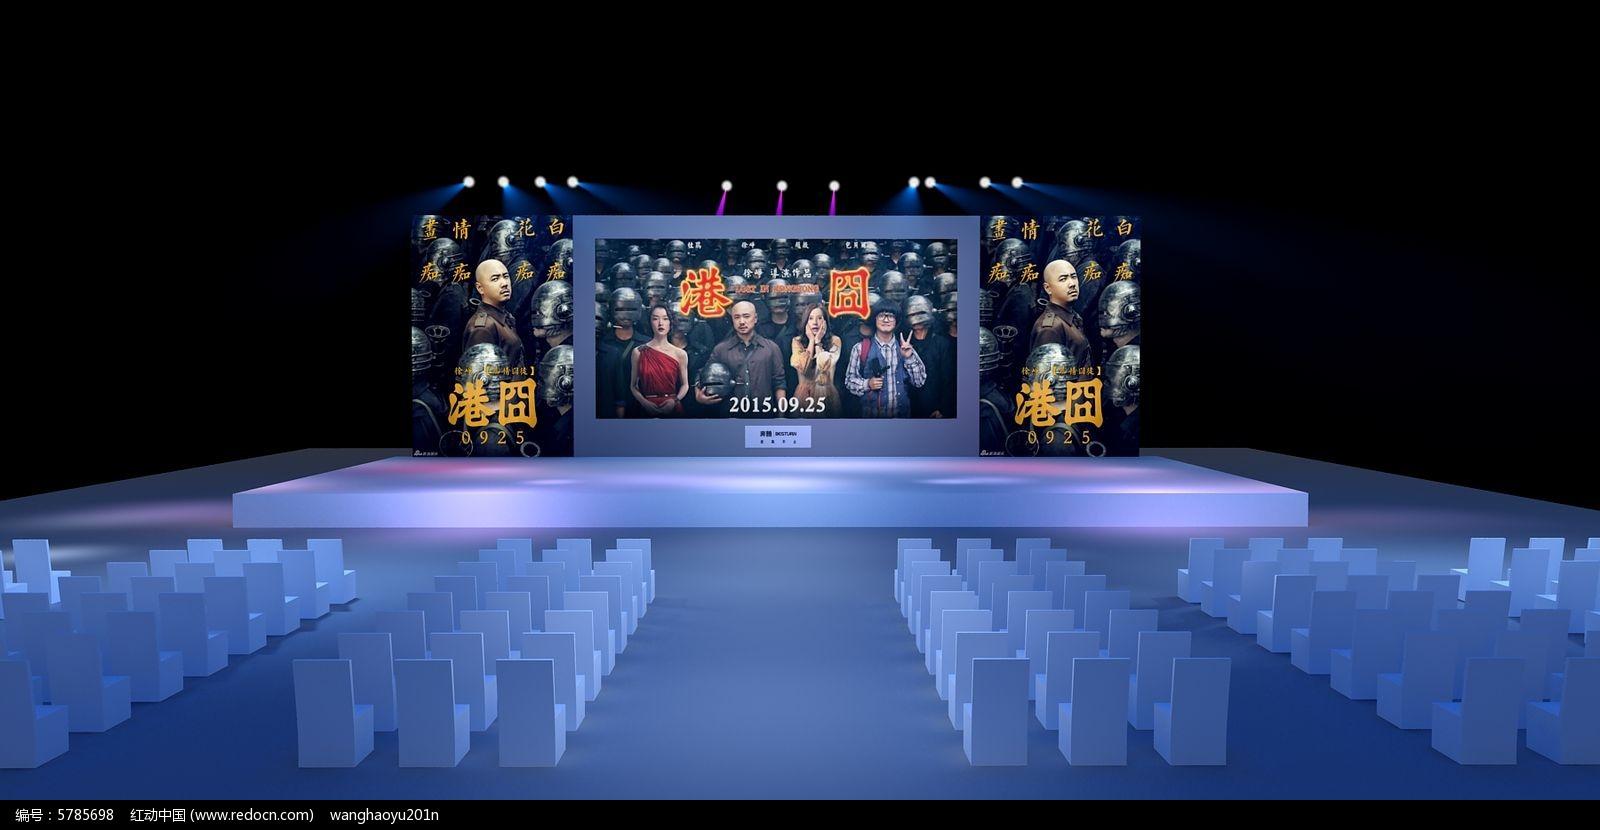 发布会舞台舞美设计图效果图